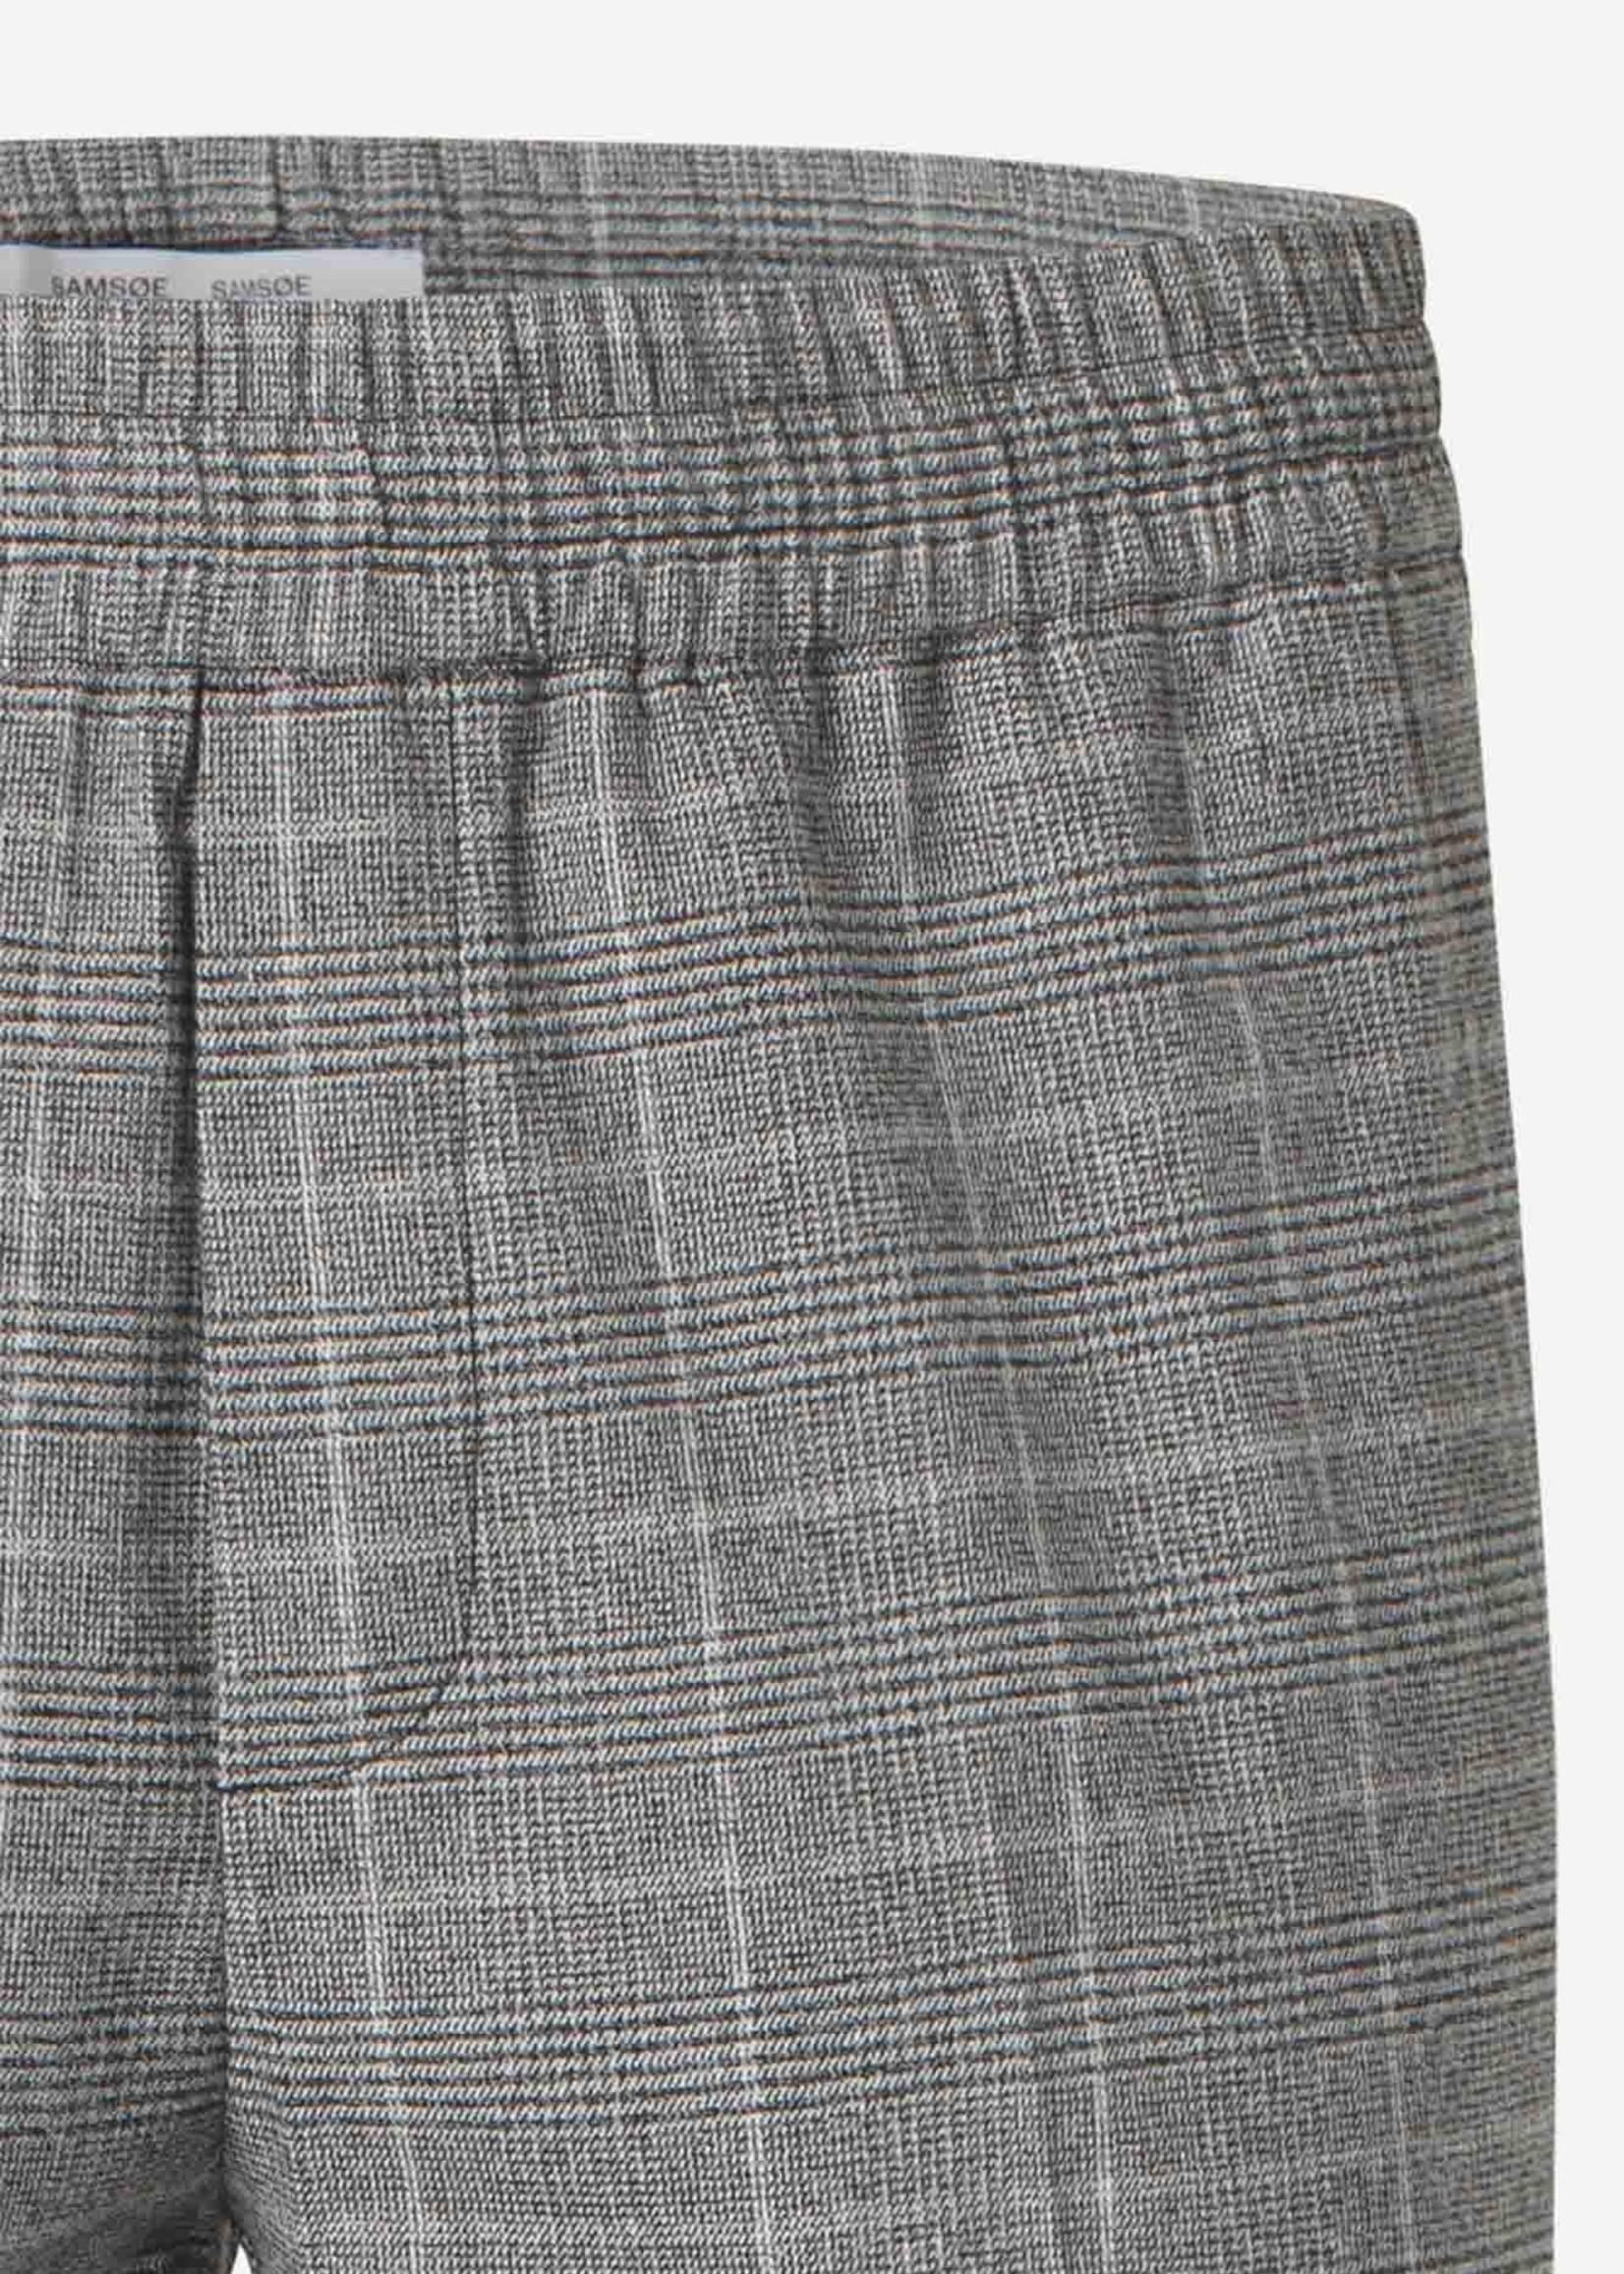 Samsoe & Samsoe Smithy Trousers 14092